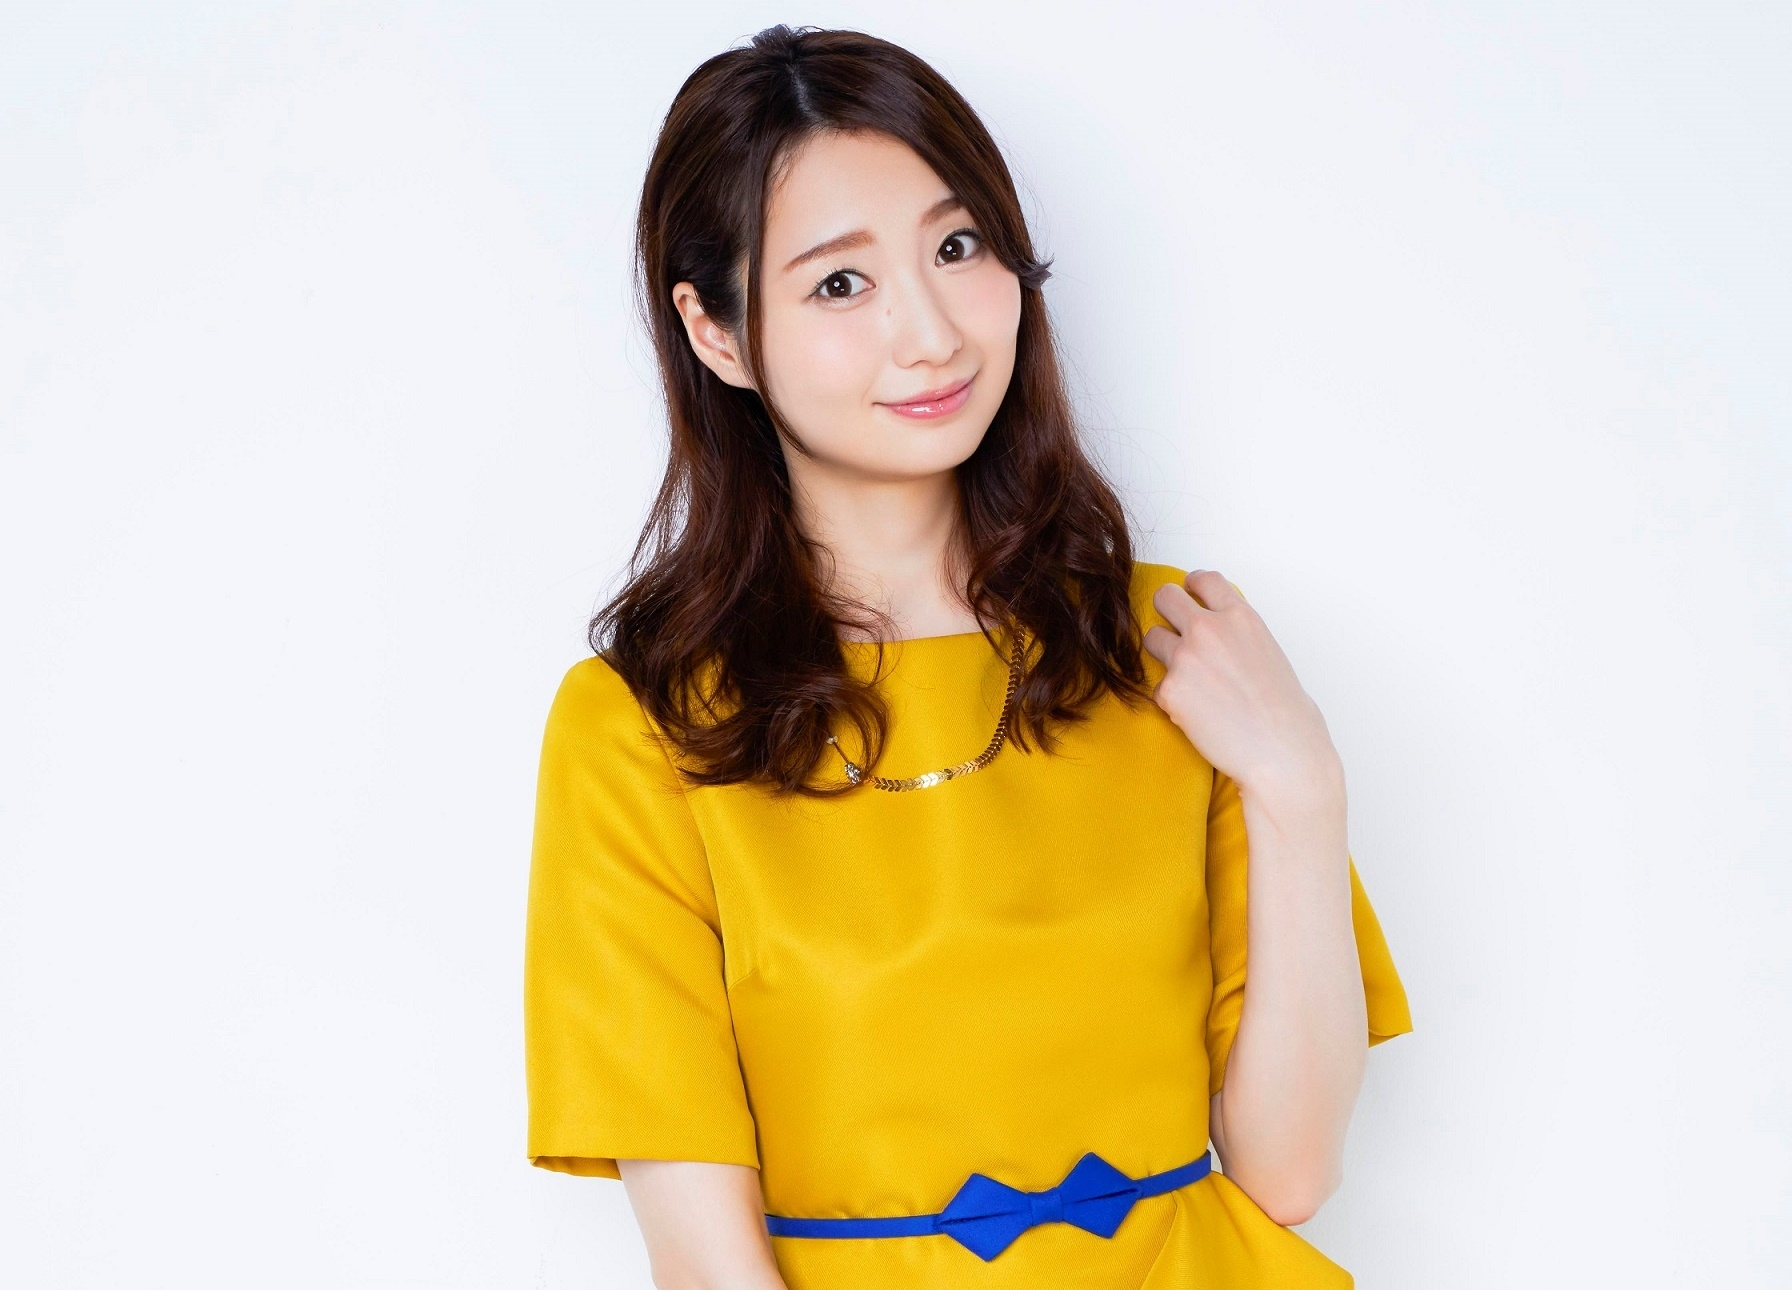 戸松遥さんが音楽番組『BomberE』の新MCに決定!公録情報も